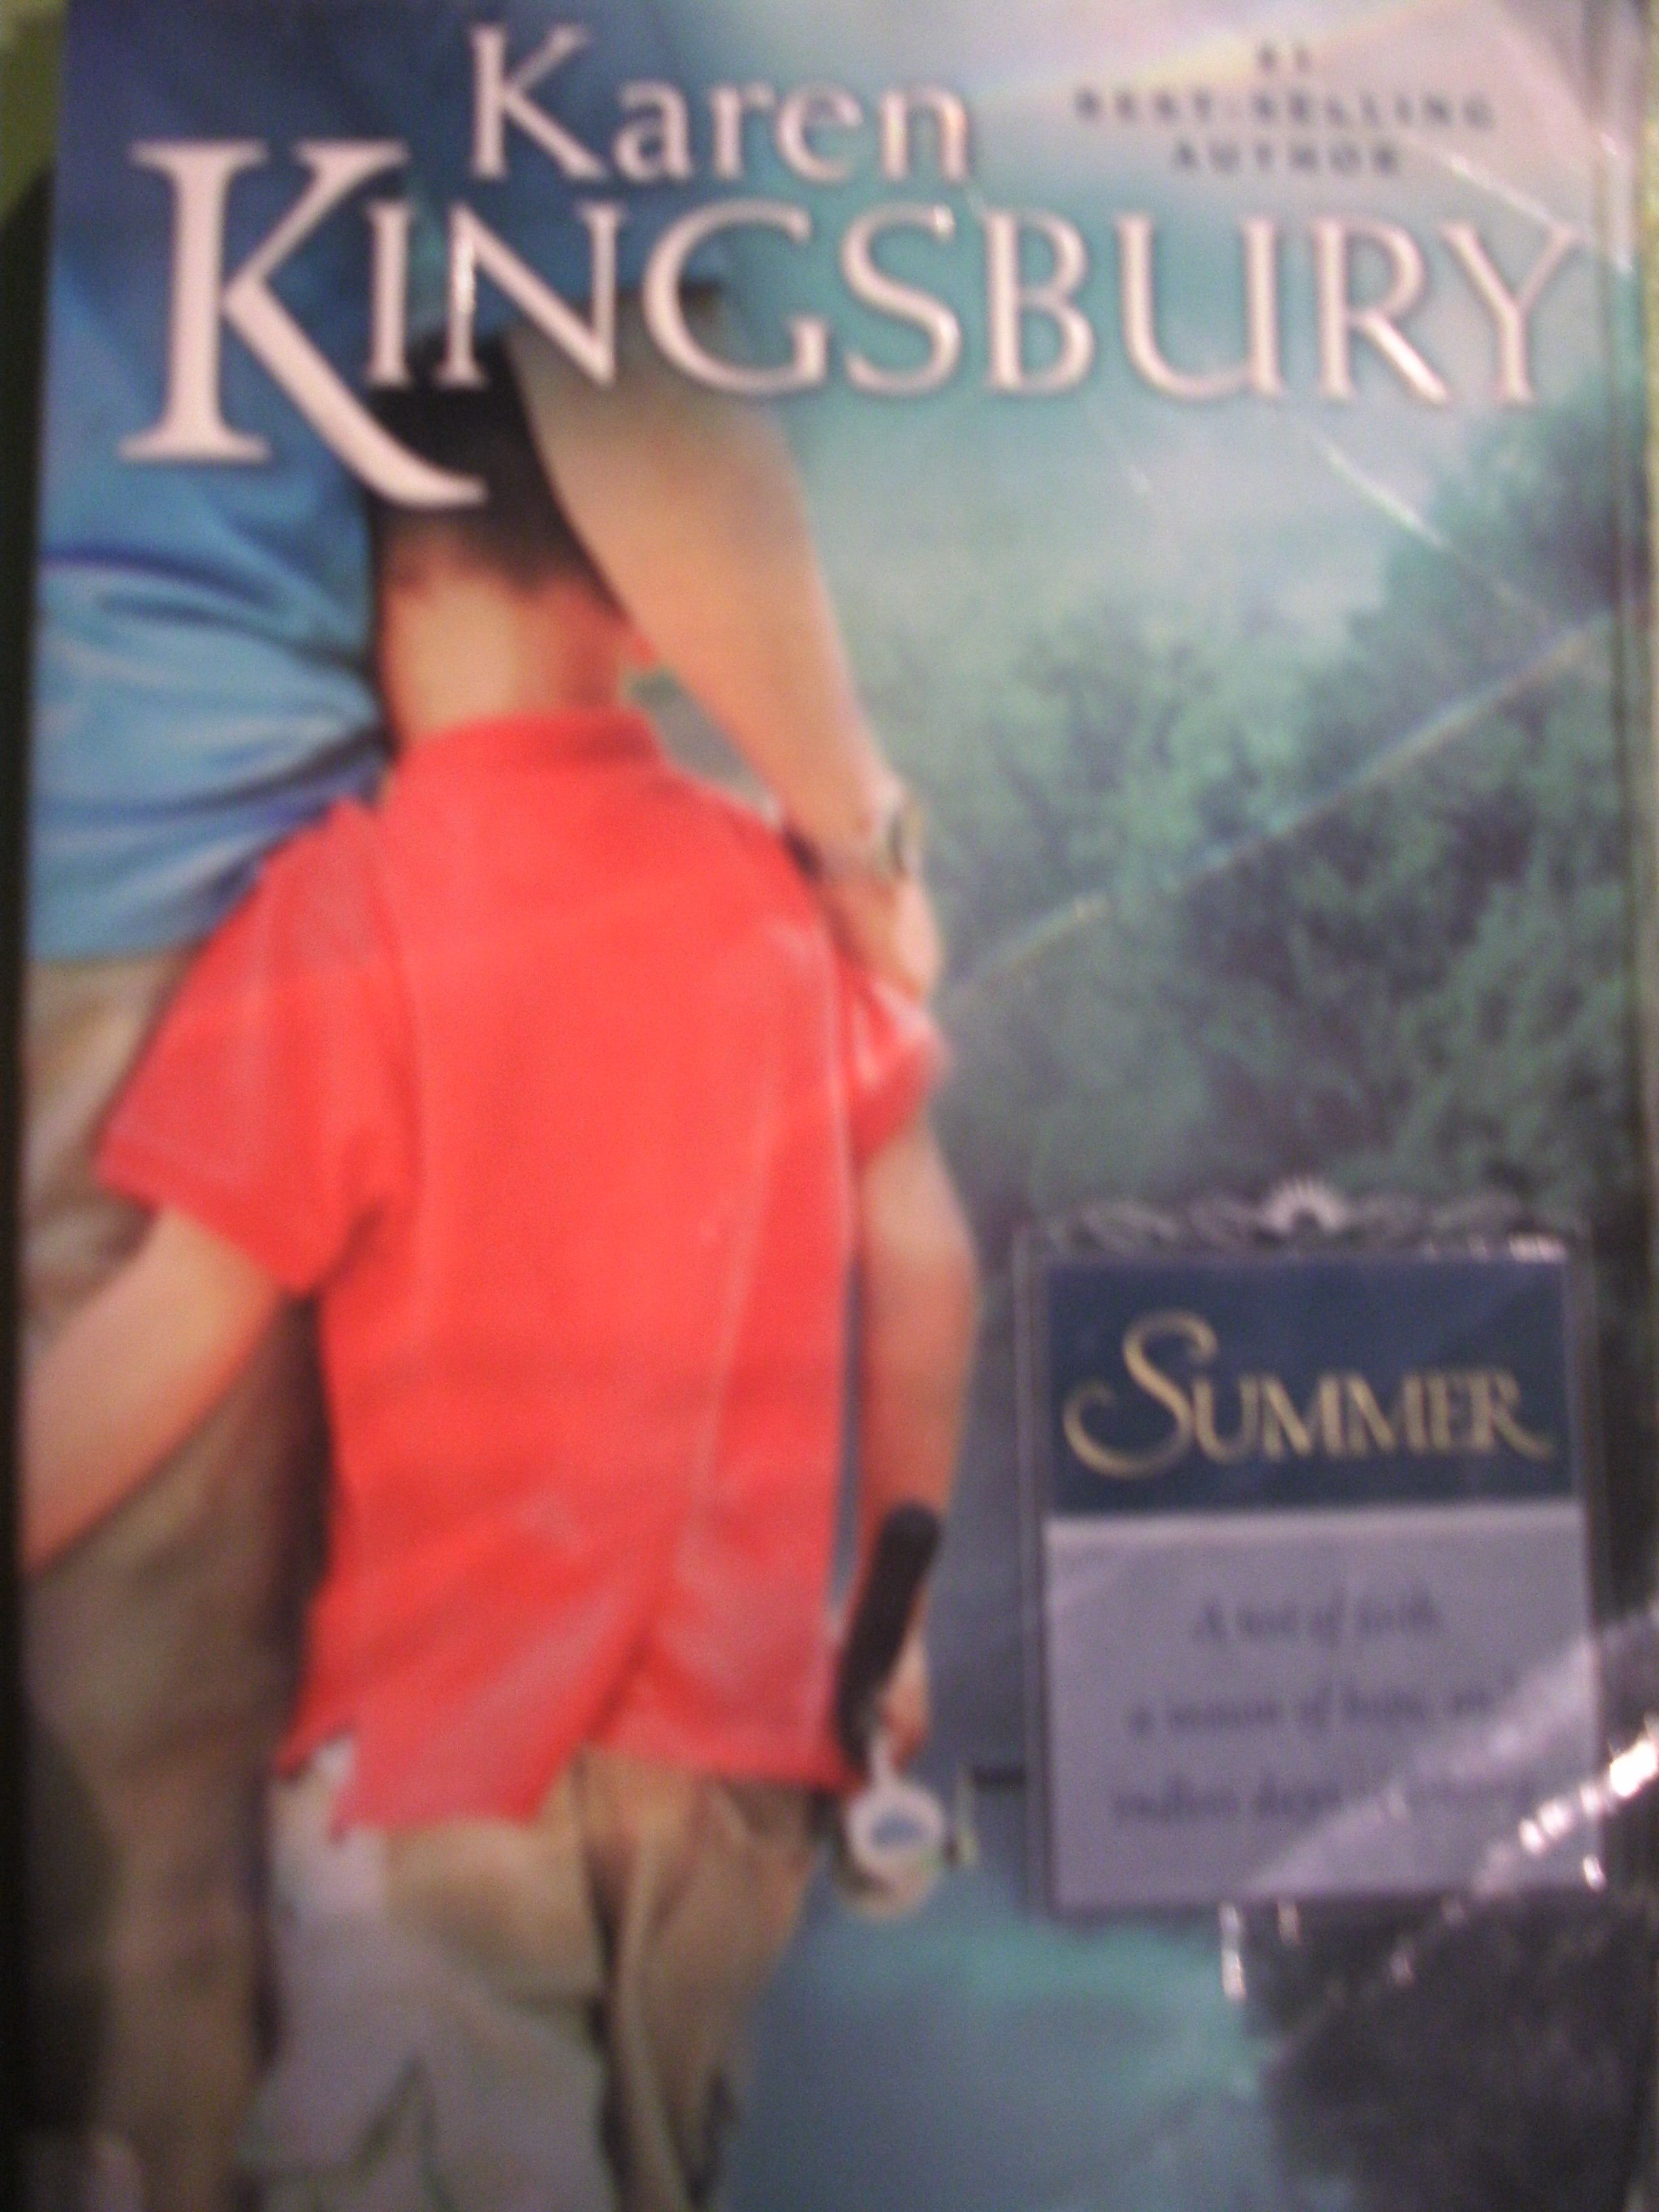 Book #2 in the Sunrise series, Summer by Karen Kingsbury